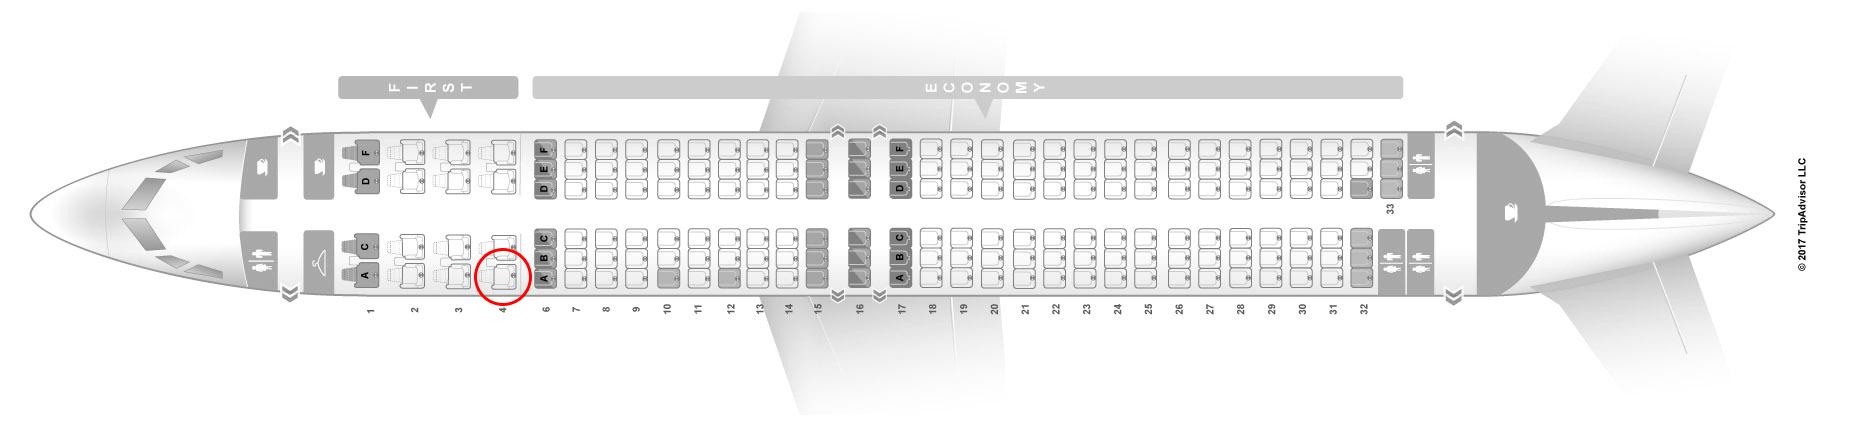 Alaska Airlines 737-900/ER seat map